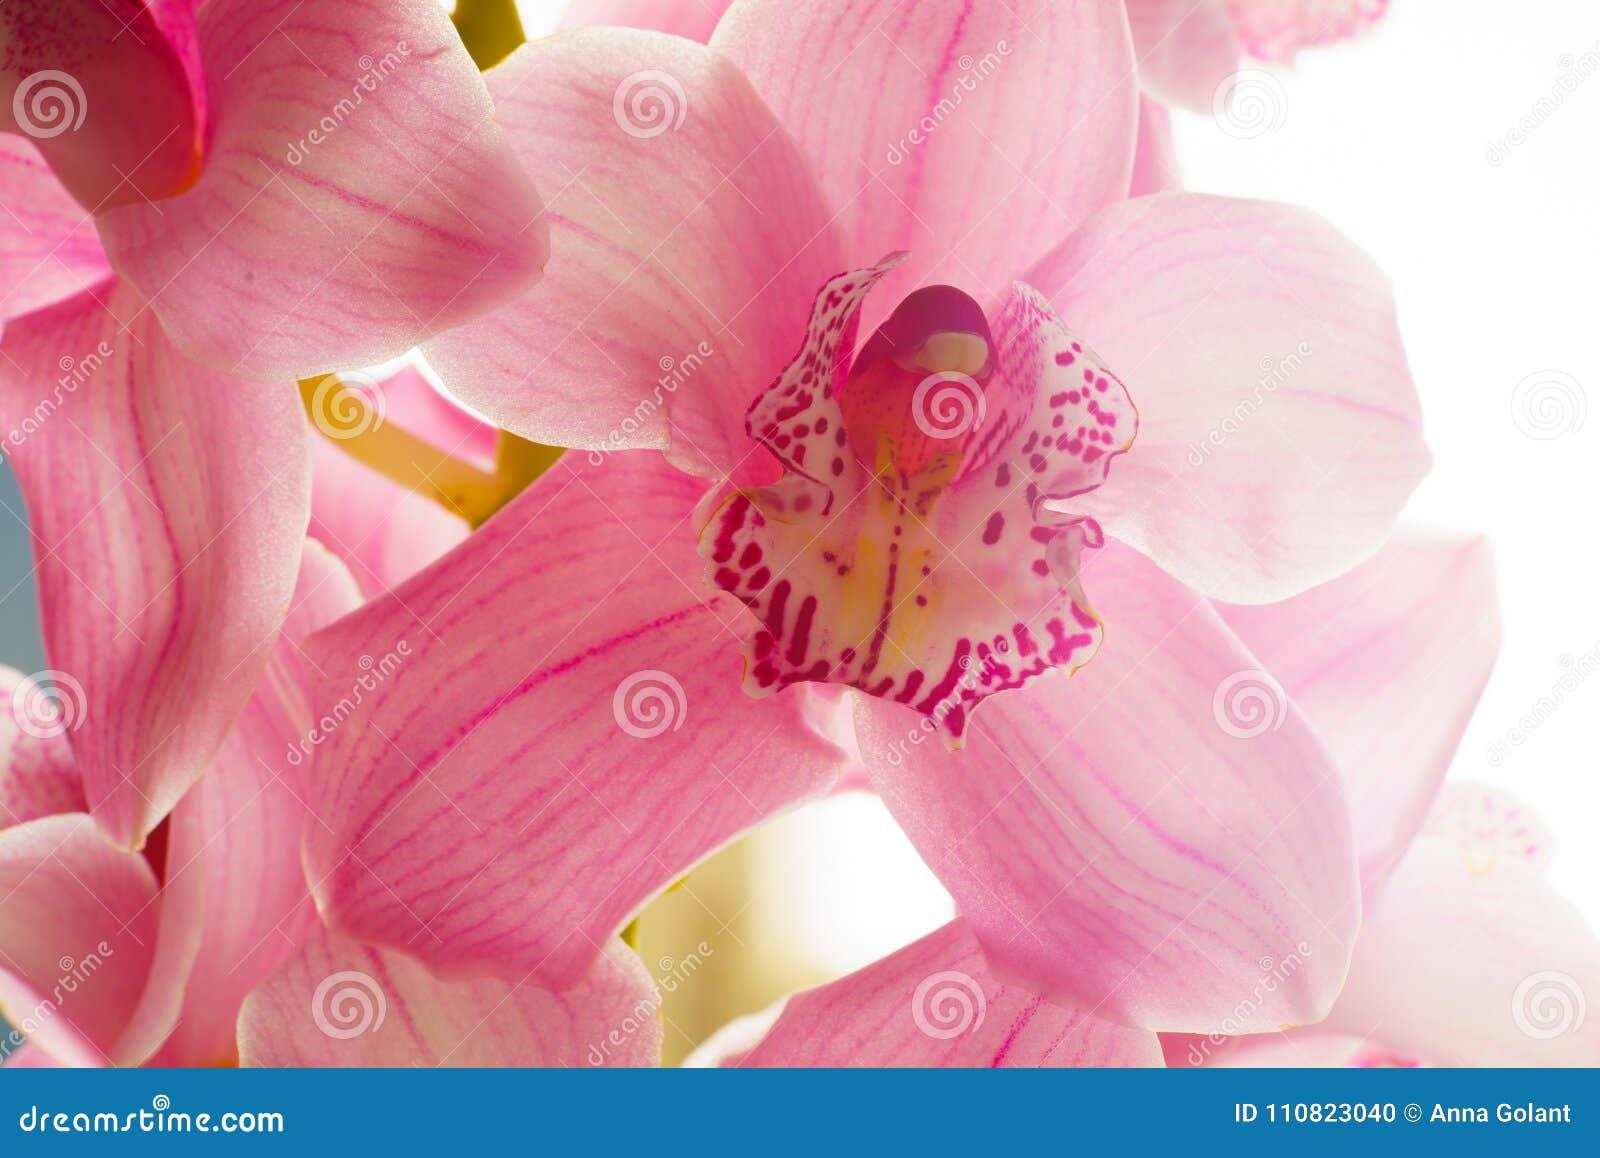 L Orchidee Fleurit Le Beau Fond Floral Pour Des Cartes De